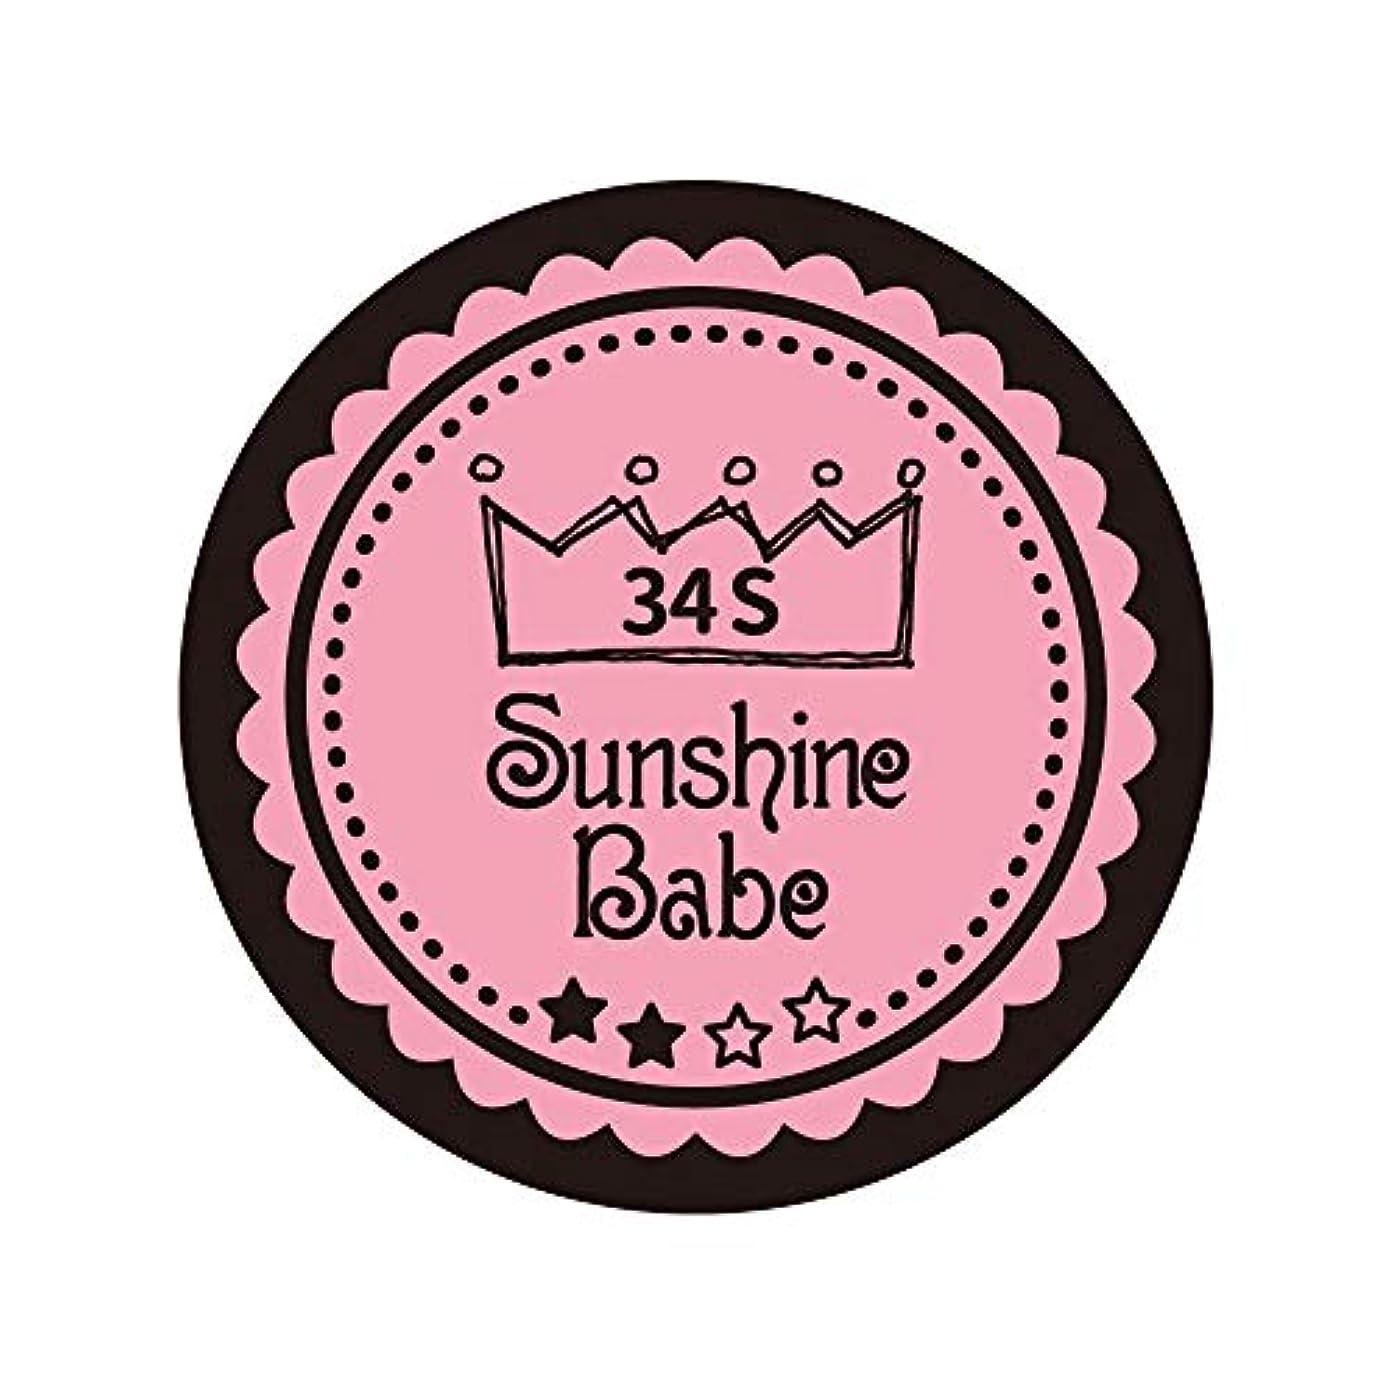 ストロークモデレータ大事にするSunshine Babe カラージェル 34S メロウローズ 4g UV/LED対応